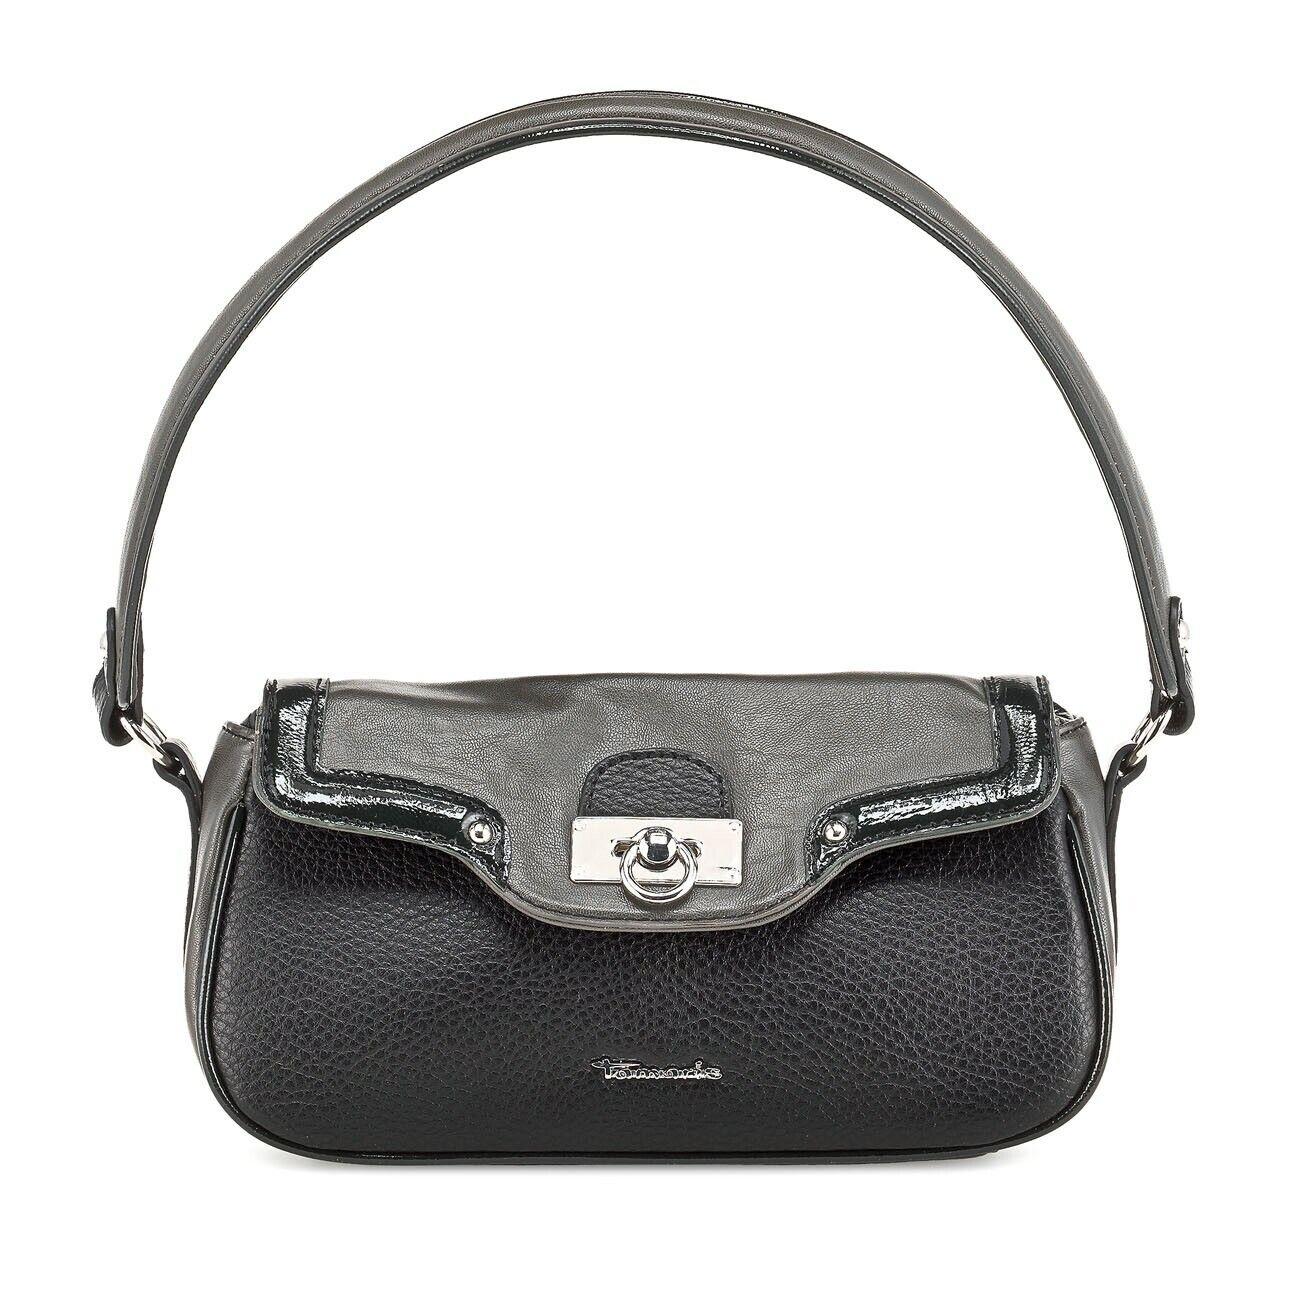 TAMARIS Damen Handtasche ANFITRITE Baguette Schultertasche Tasche NEU*UVP 39,95